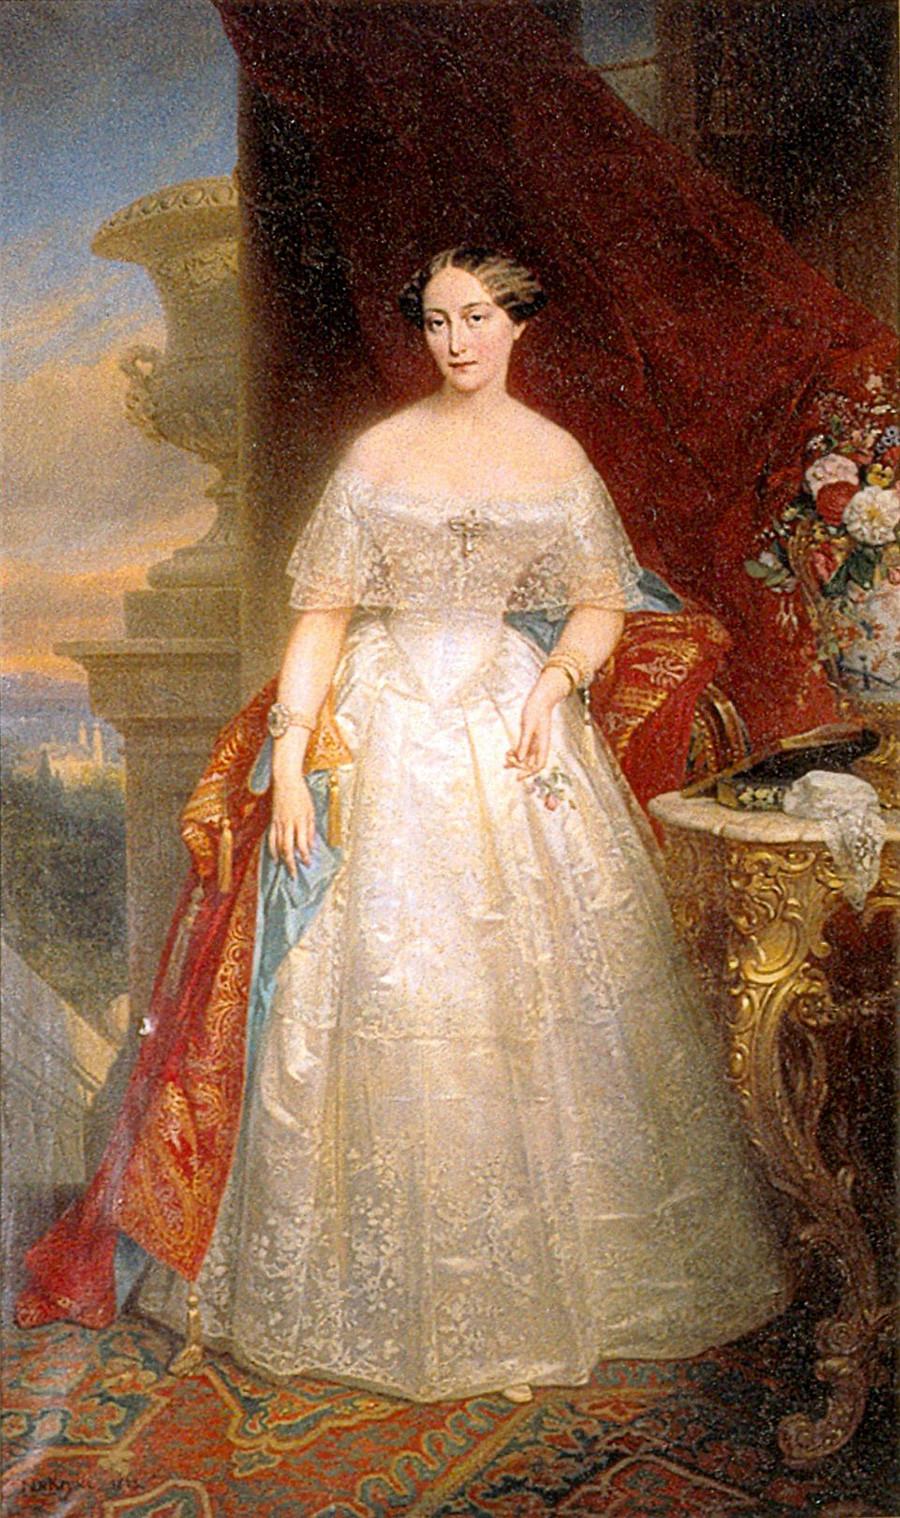 Retrato de Olga de Rusia (1822-1892), princesa de Württemberg por Nicaise de Keyser